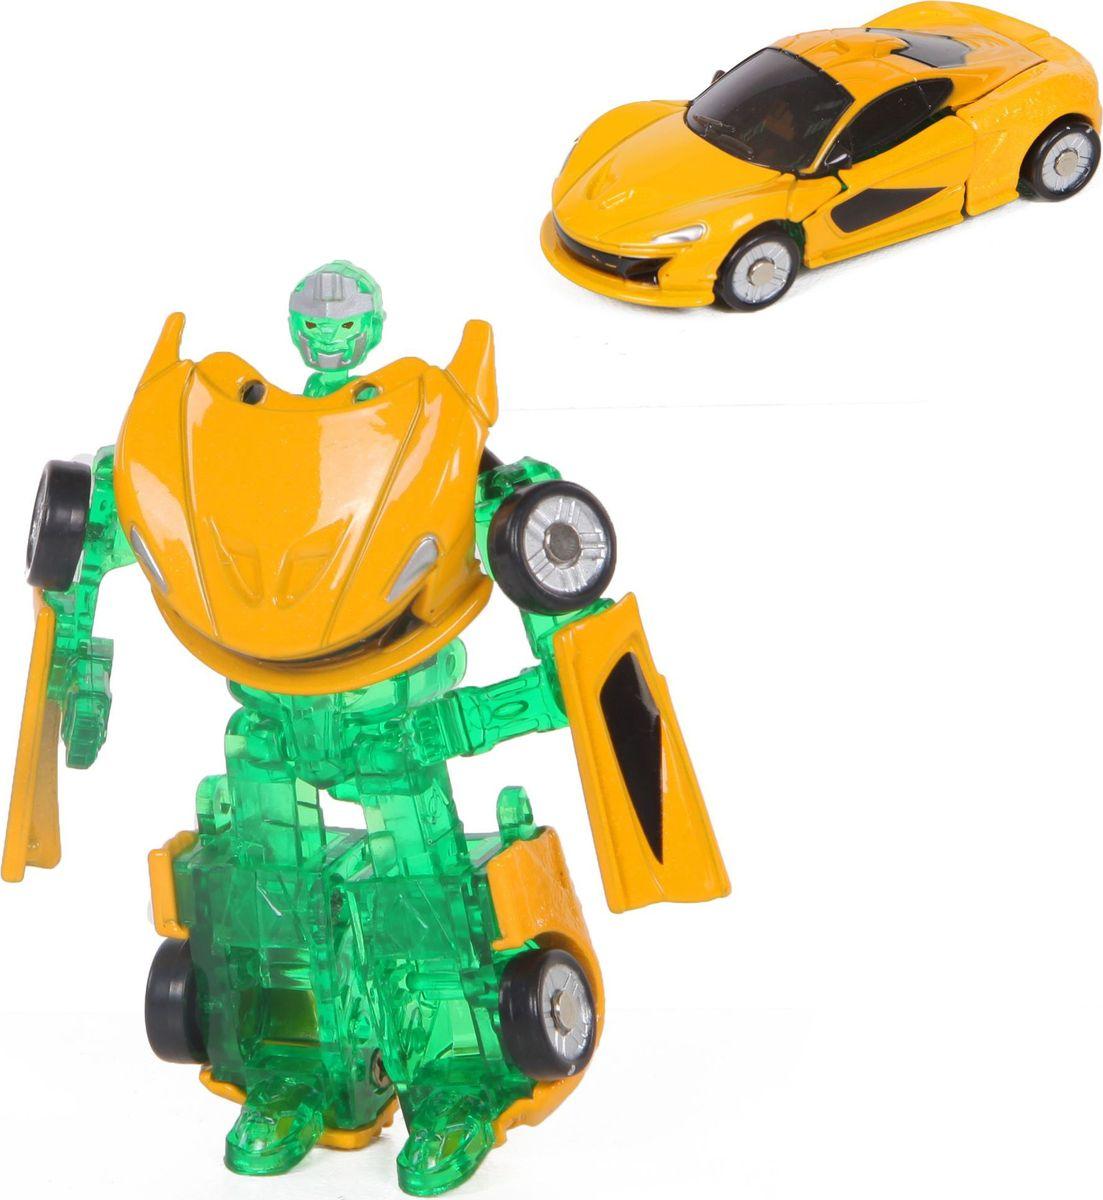 Yako Робот-трансформер цвет желтый зеленый Y3686093-2 игра yako кухня y18614127